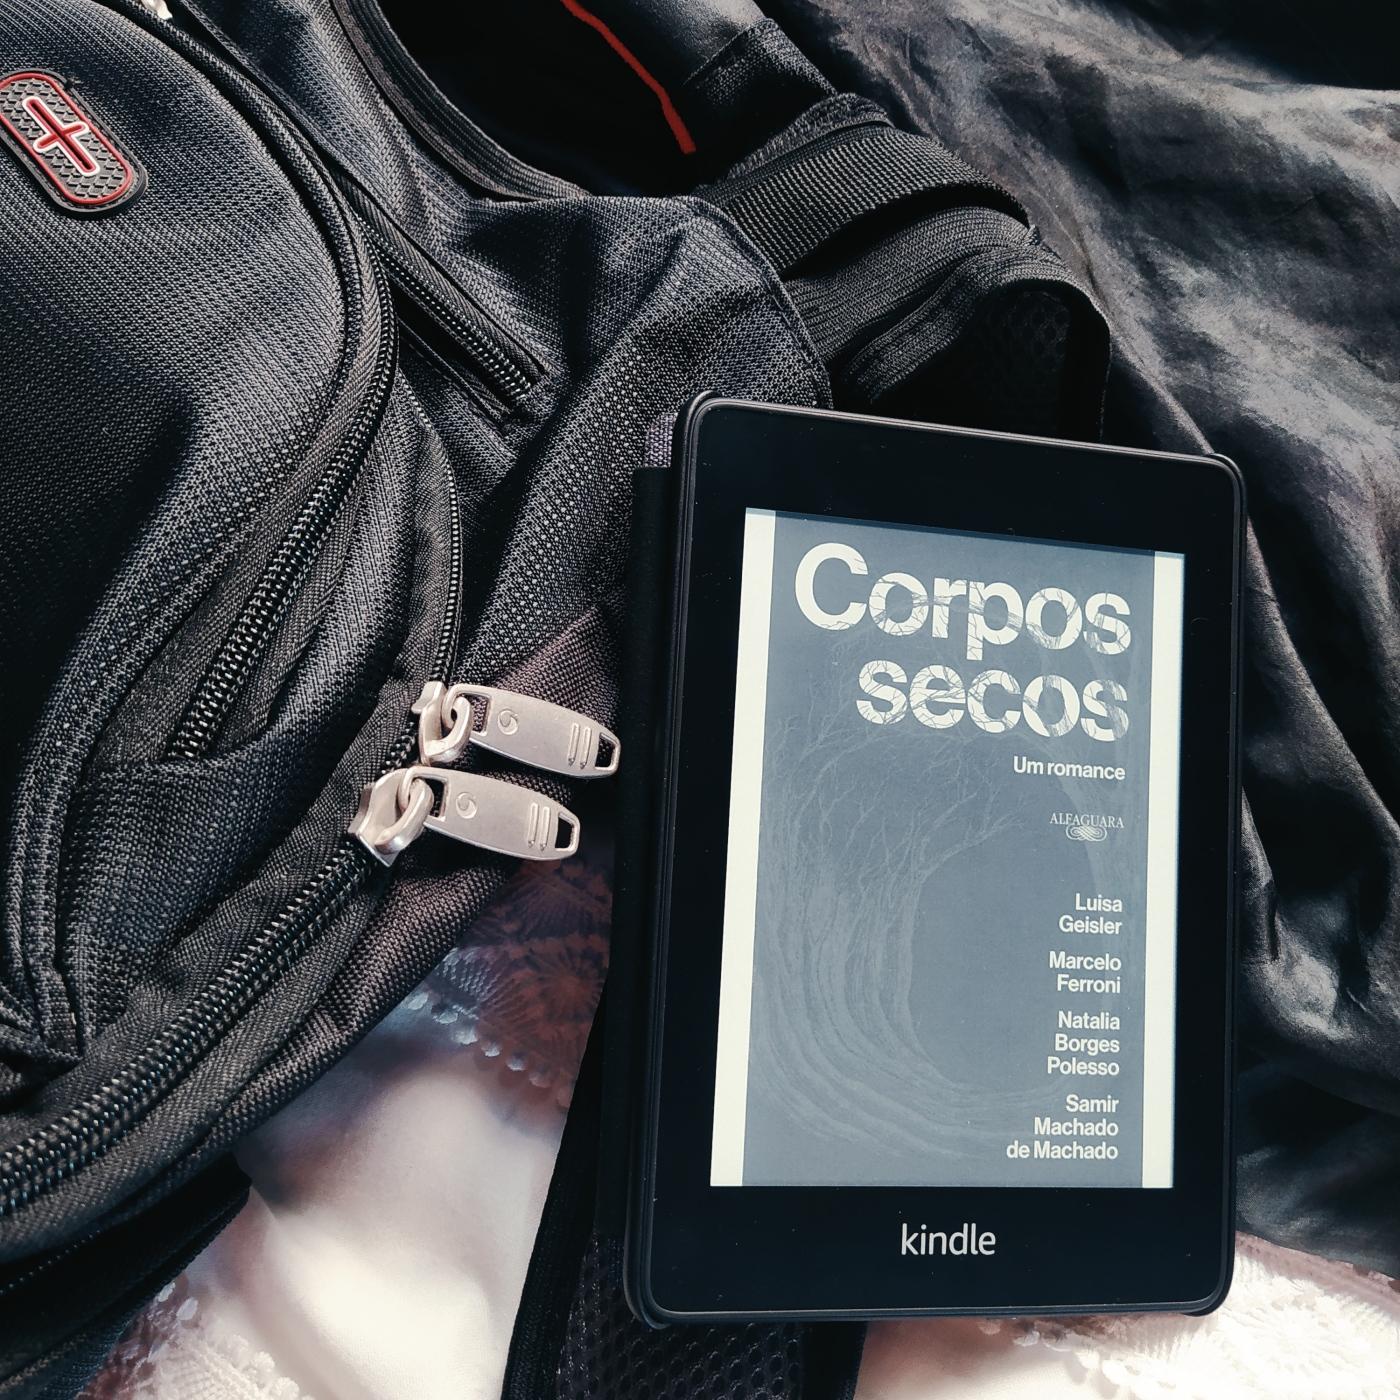 Kindle com a capa do livro Corpos Secos, apoiado em uma mochila preta, que está na metade esquerda da imagem. O fundo é composto de tecidos preto, na parte superior, e branco, na parte inferior.